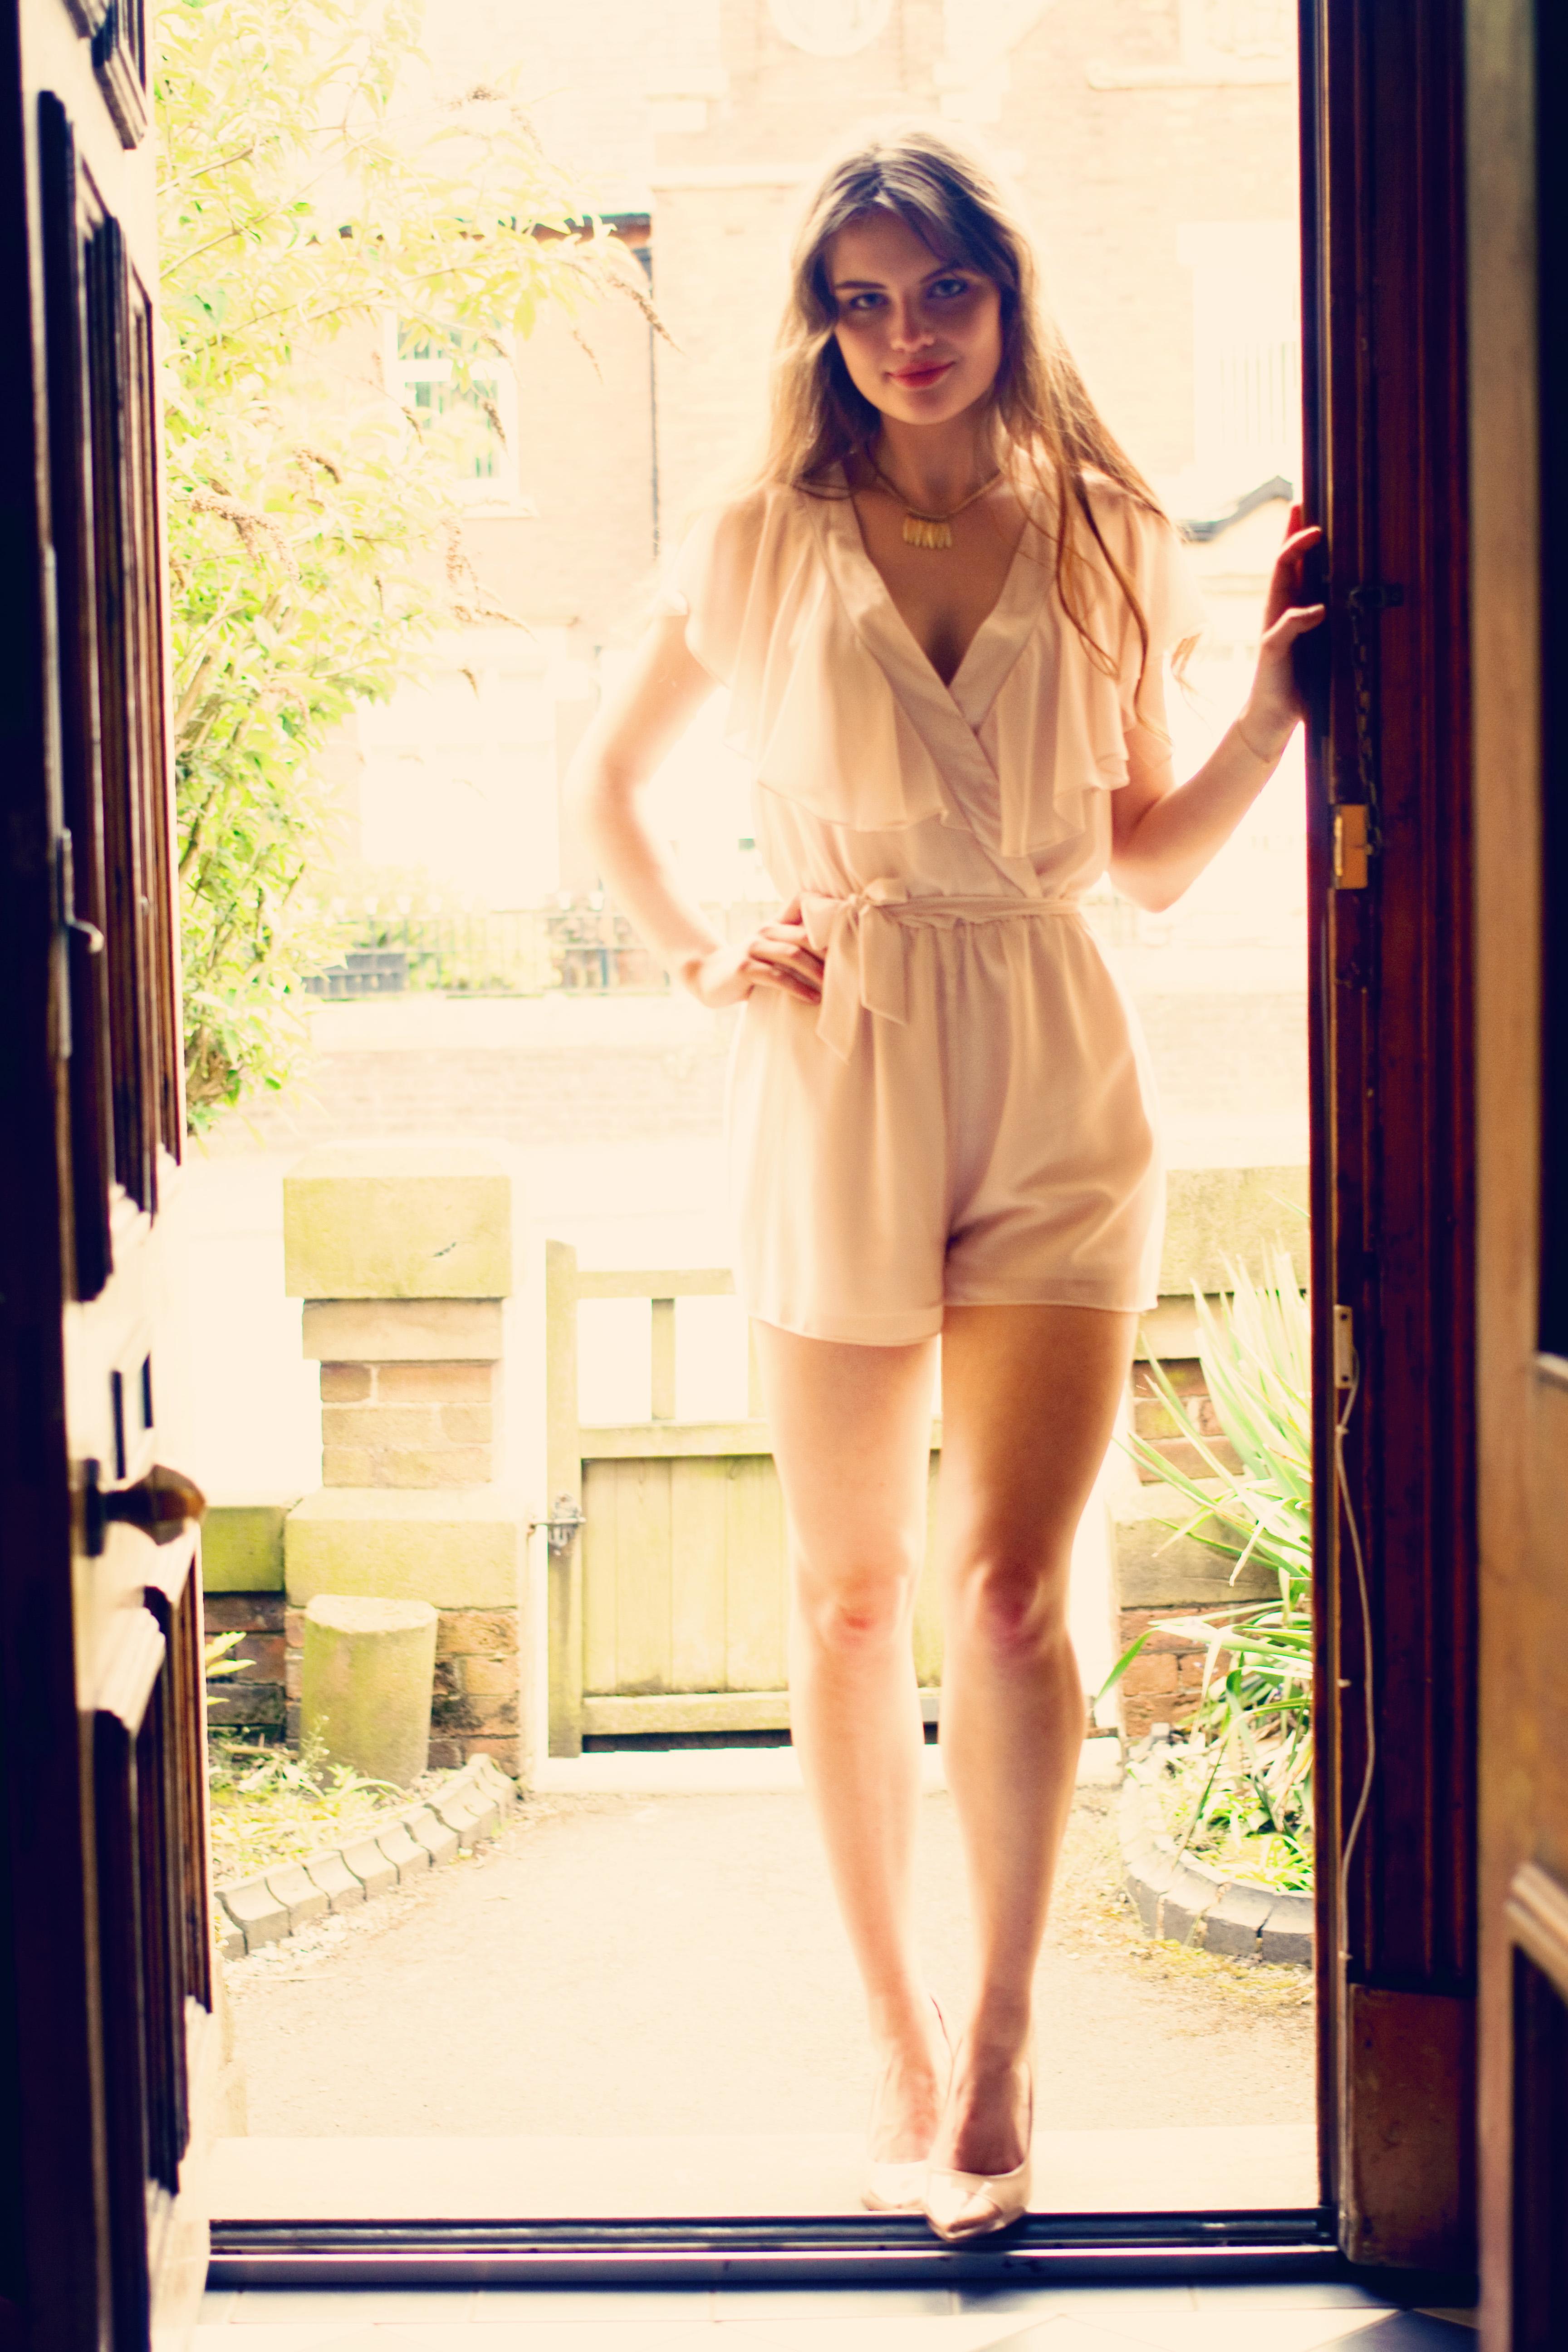 Teen photographed in doorway wearing cream playsuit